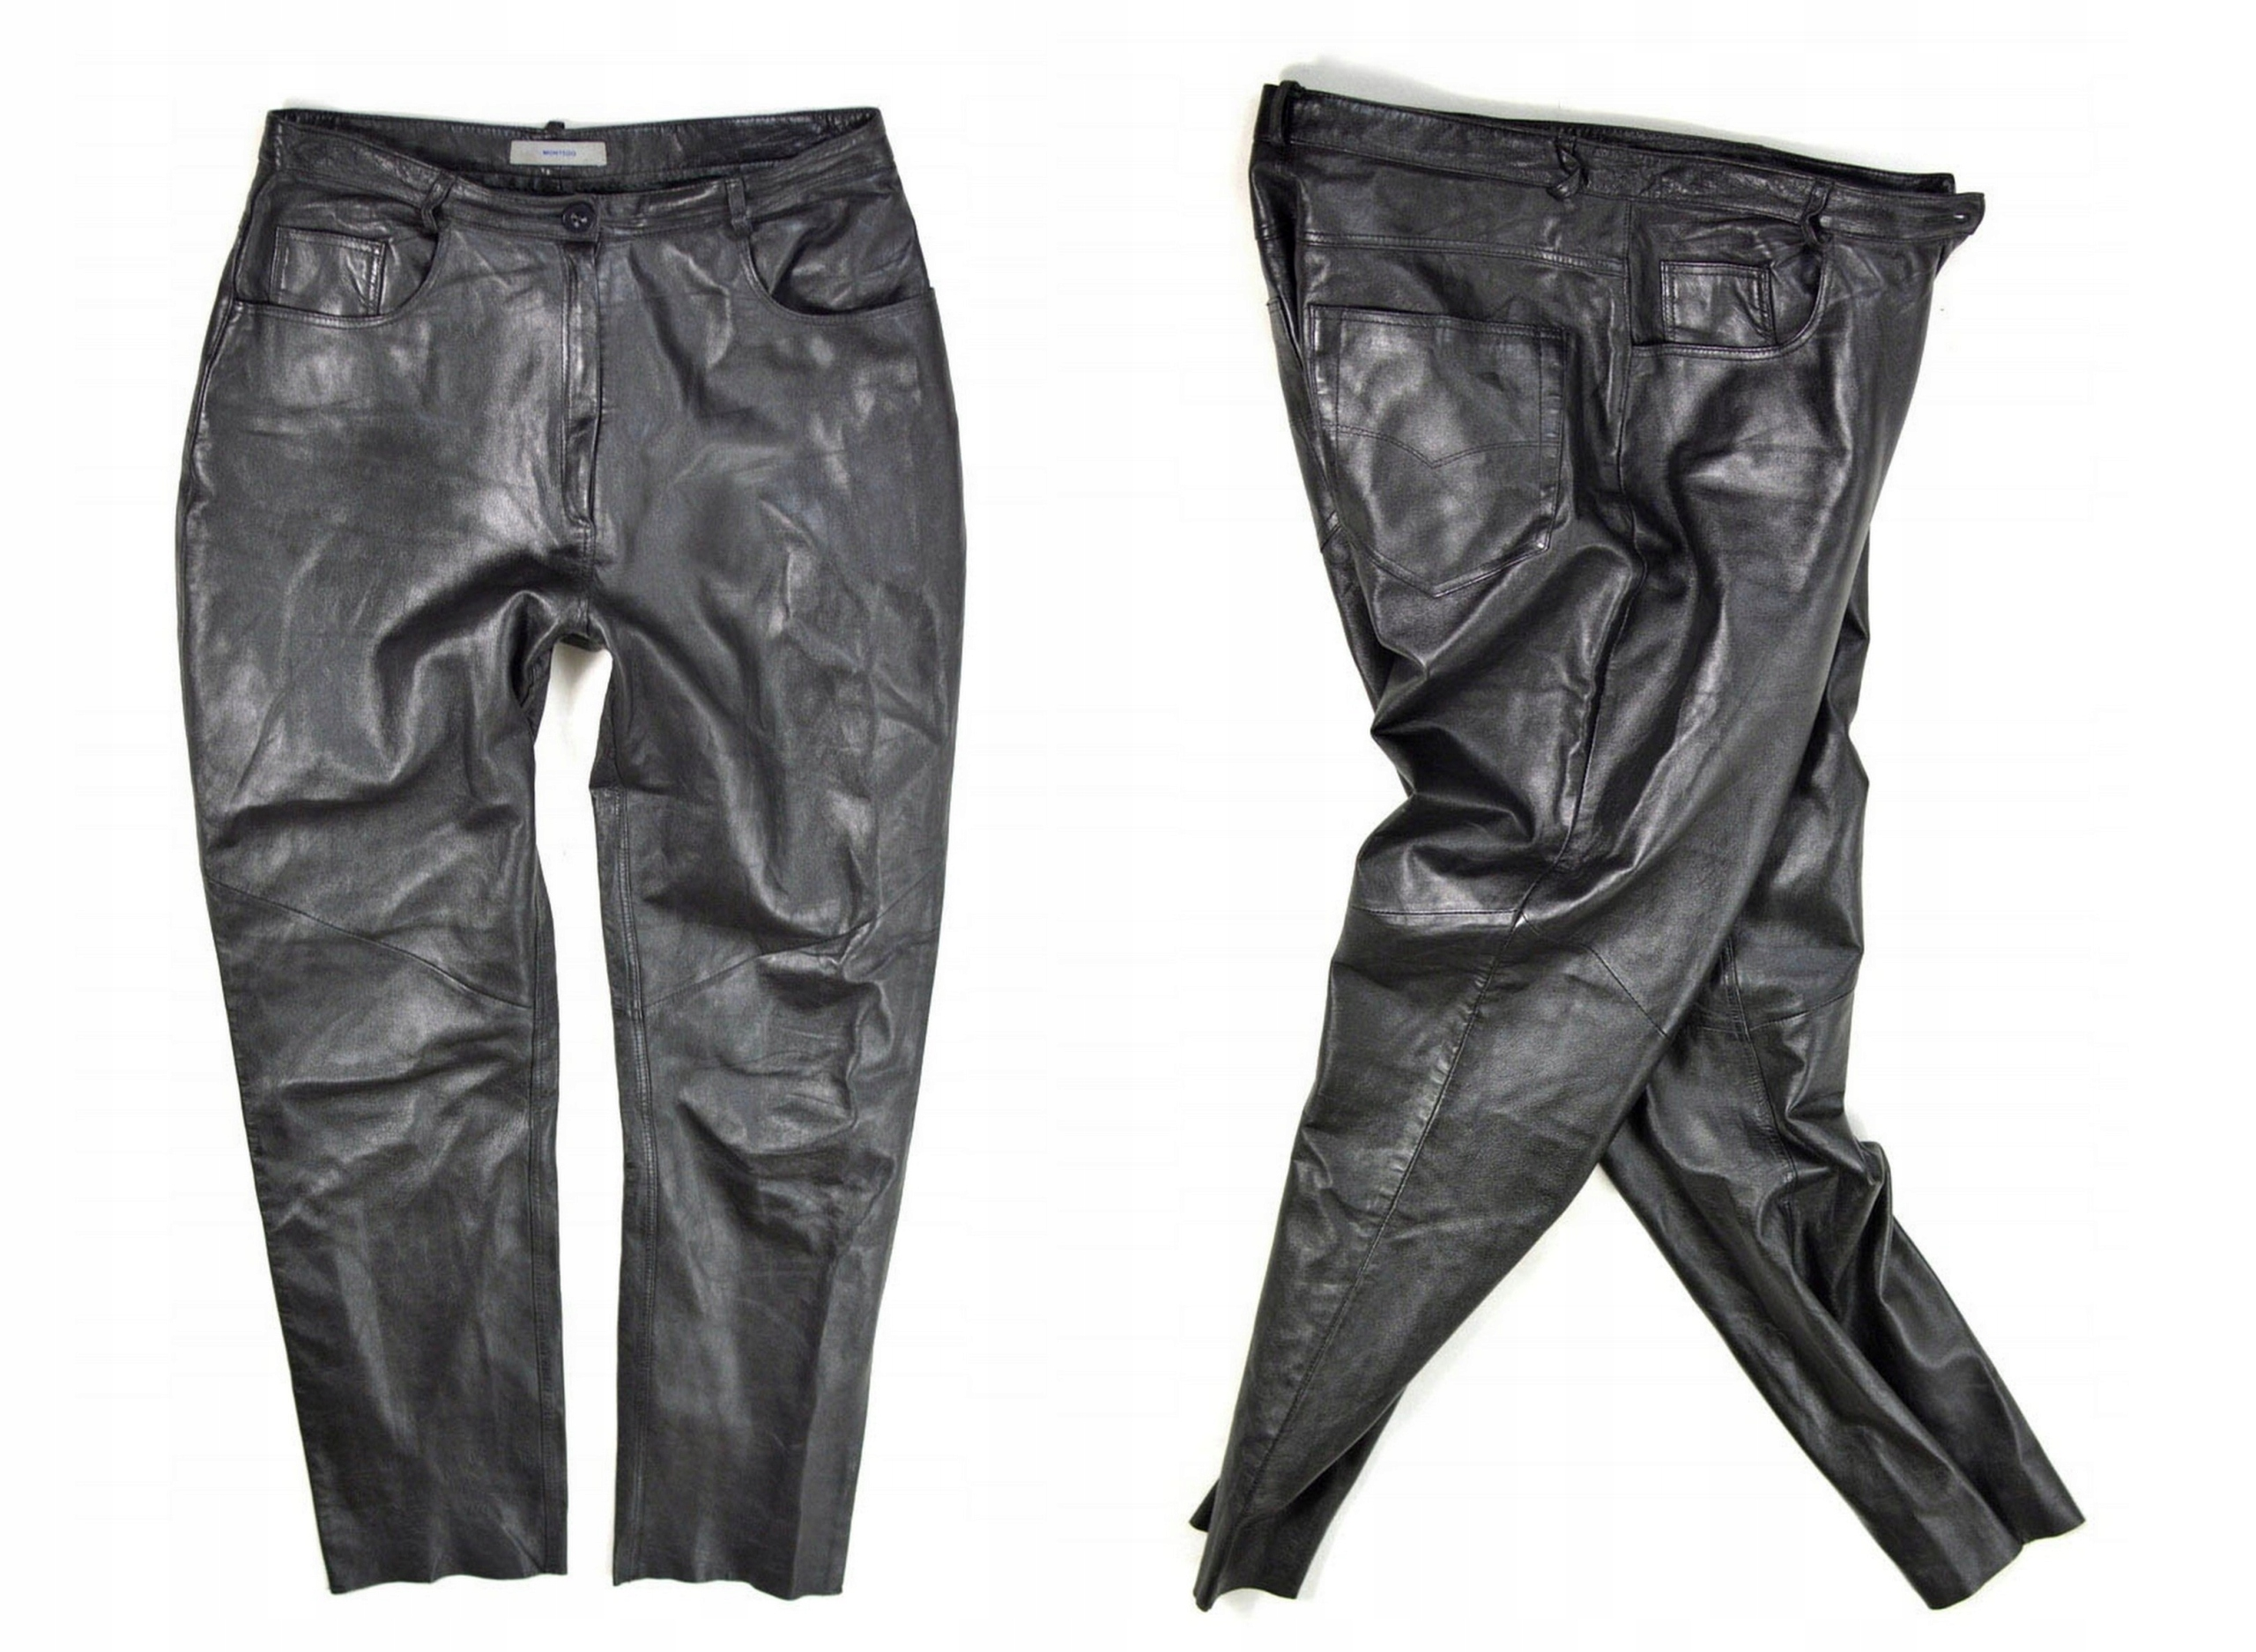 6c5a7a146607a Spodnie skórzane MONTEGO czarne skóra 40 L - 7697688734 - oficjalne ...